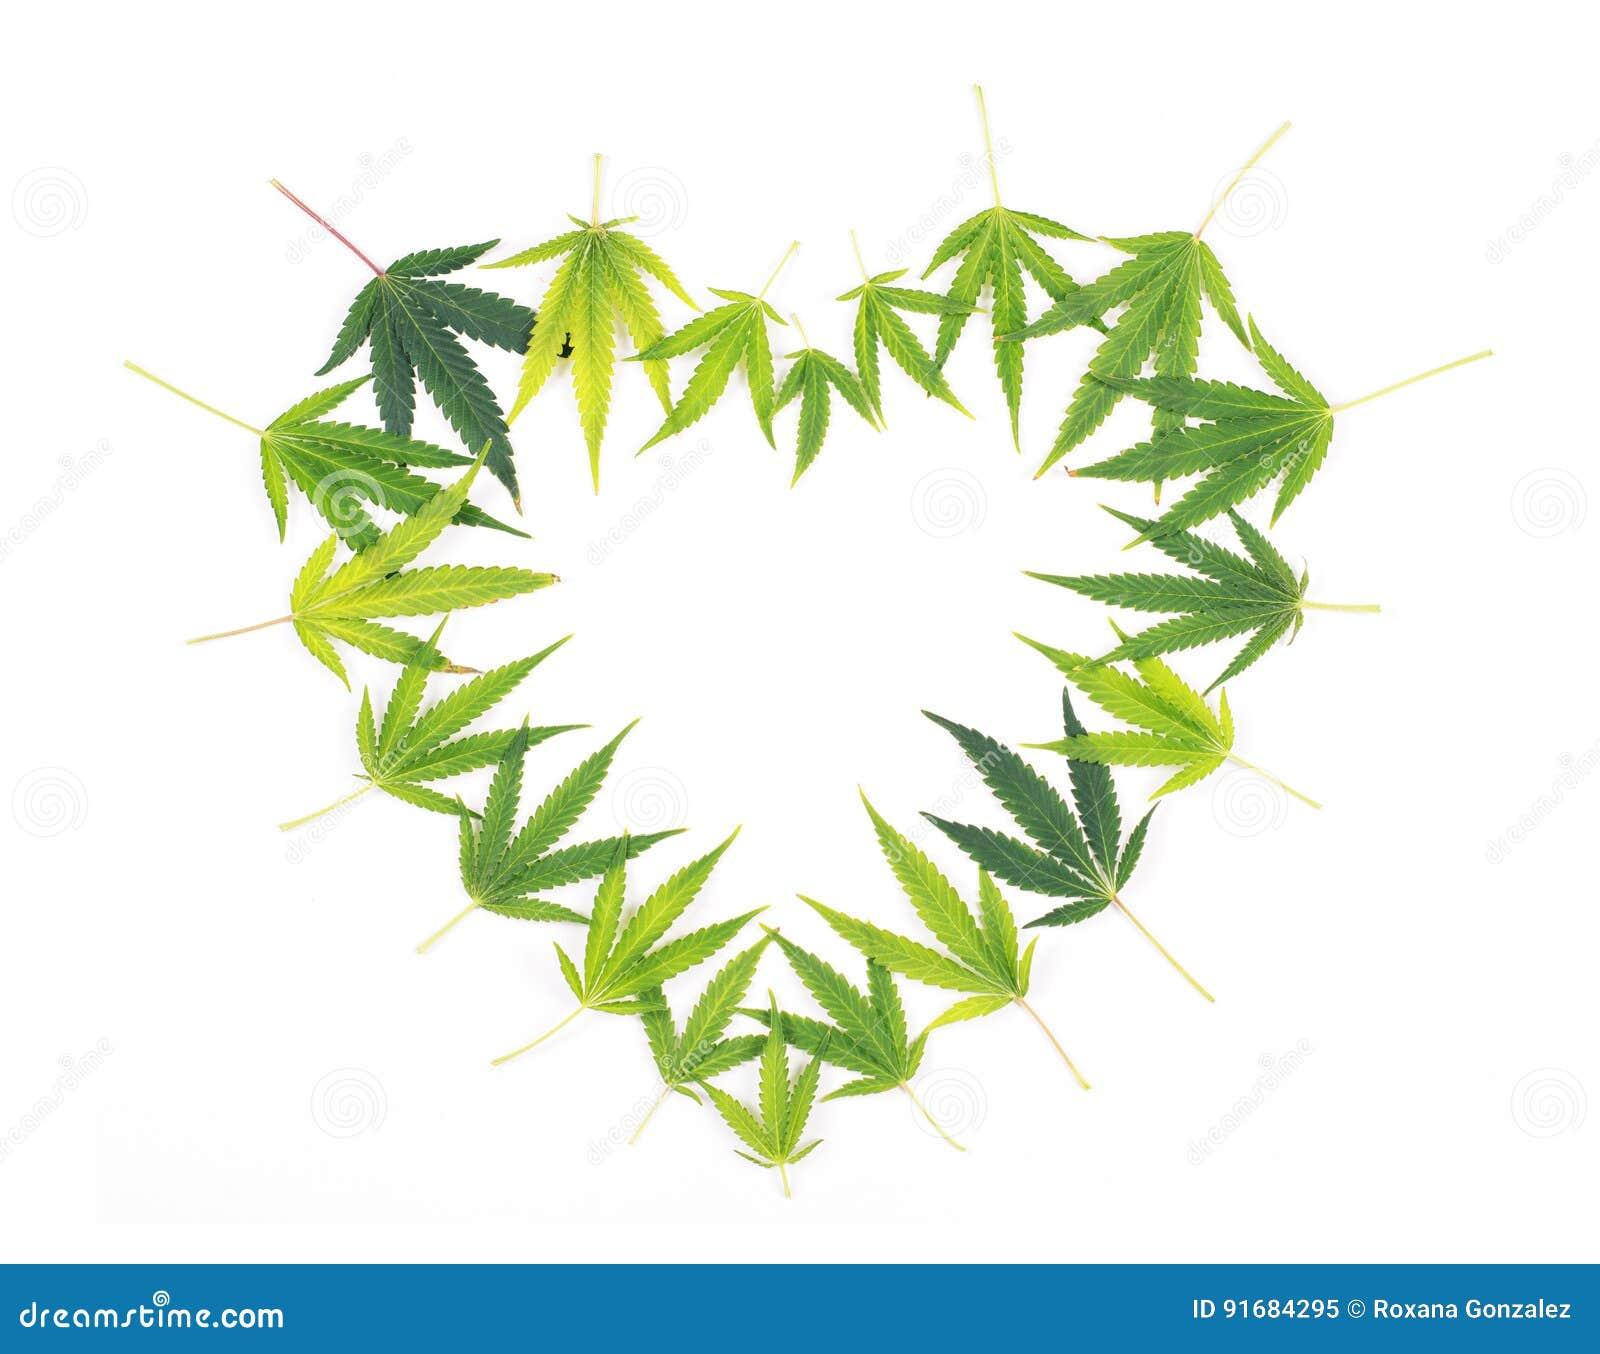 Сердце от конопли что такое гашиш план марихуана анаша